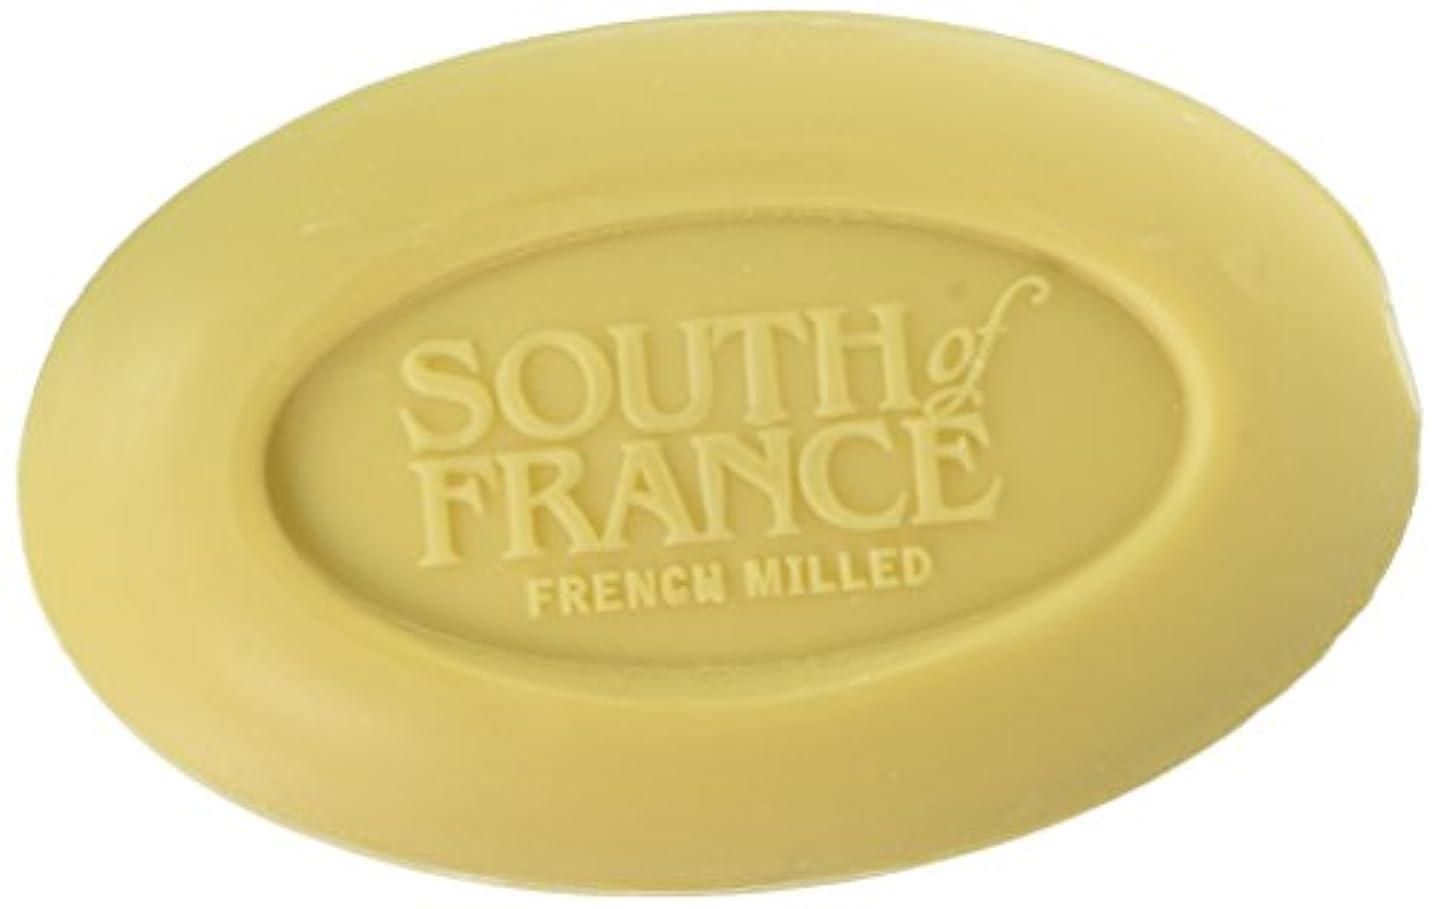 回転する倫理的ガイドラインSouth of France - フランスの製粉された野菜棒石鹸レモンVerbena - 6ポンド